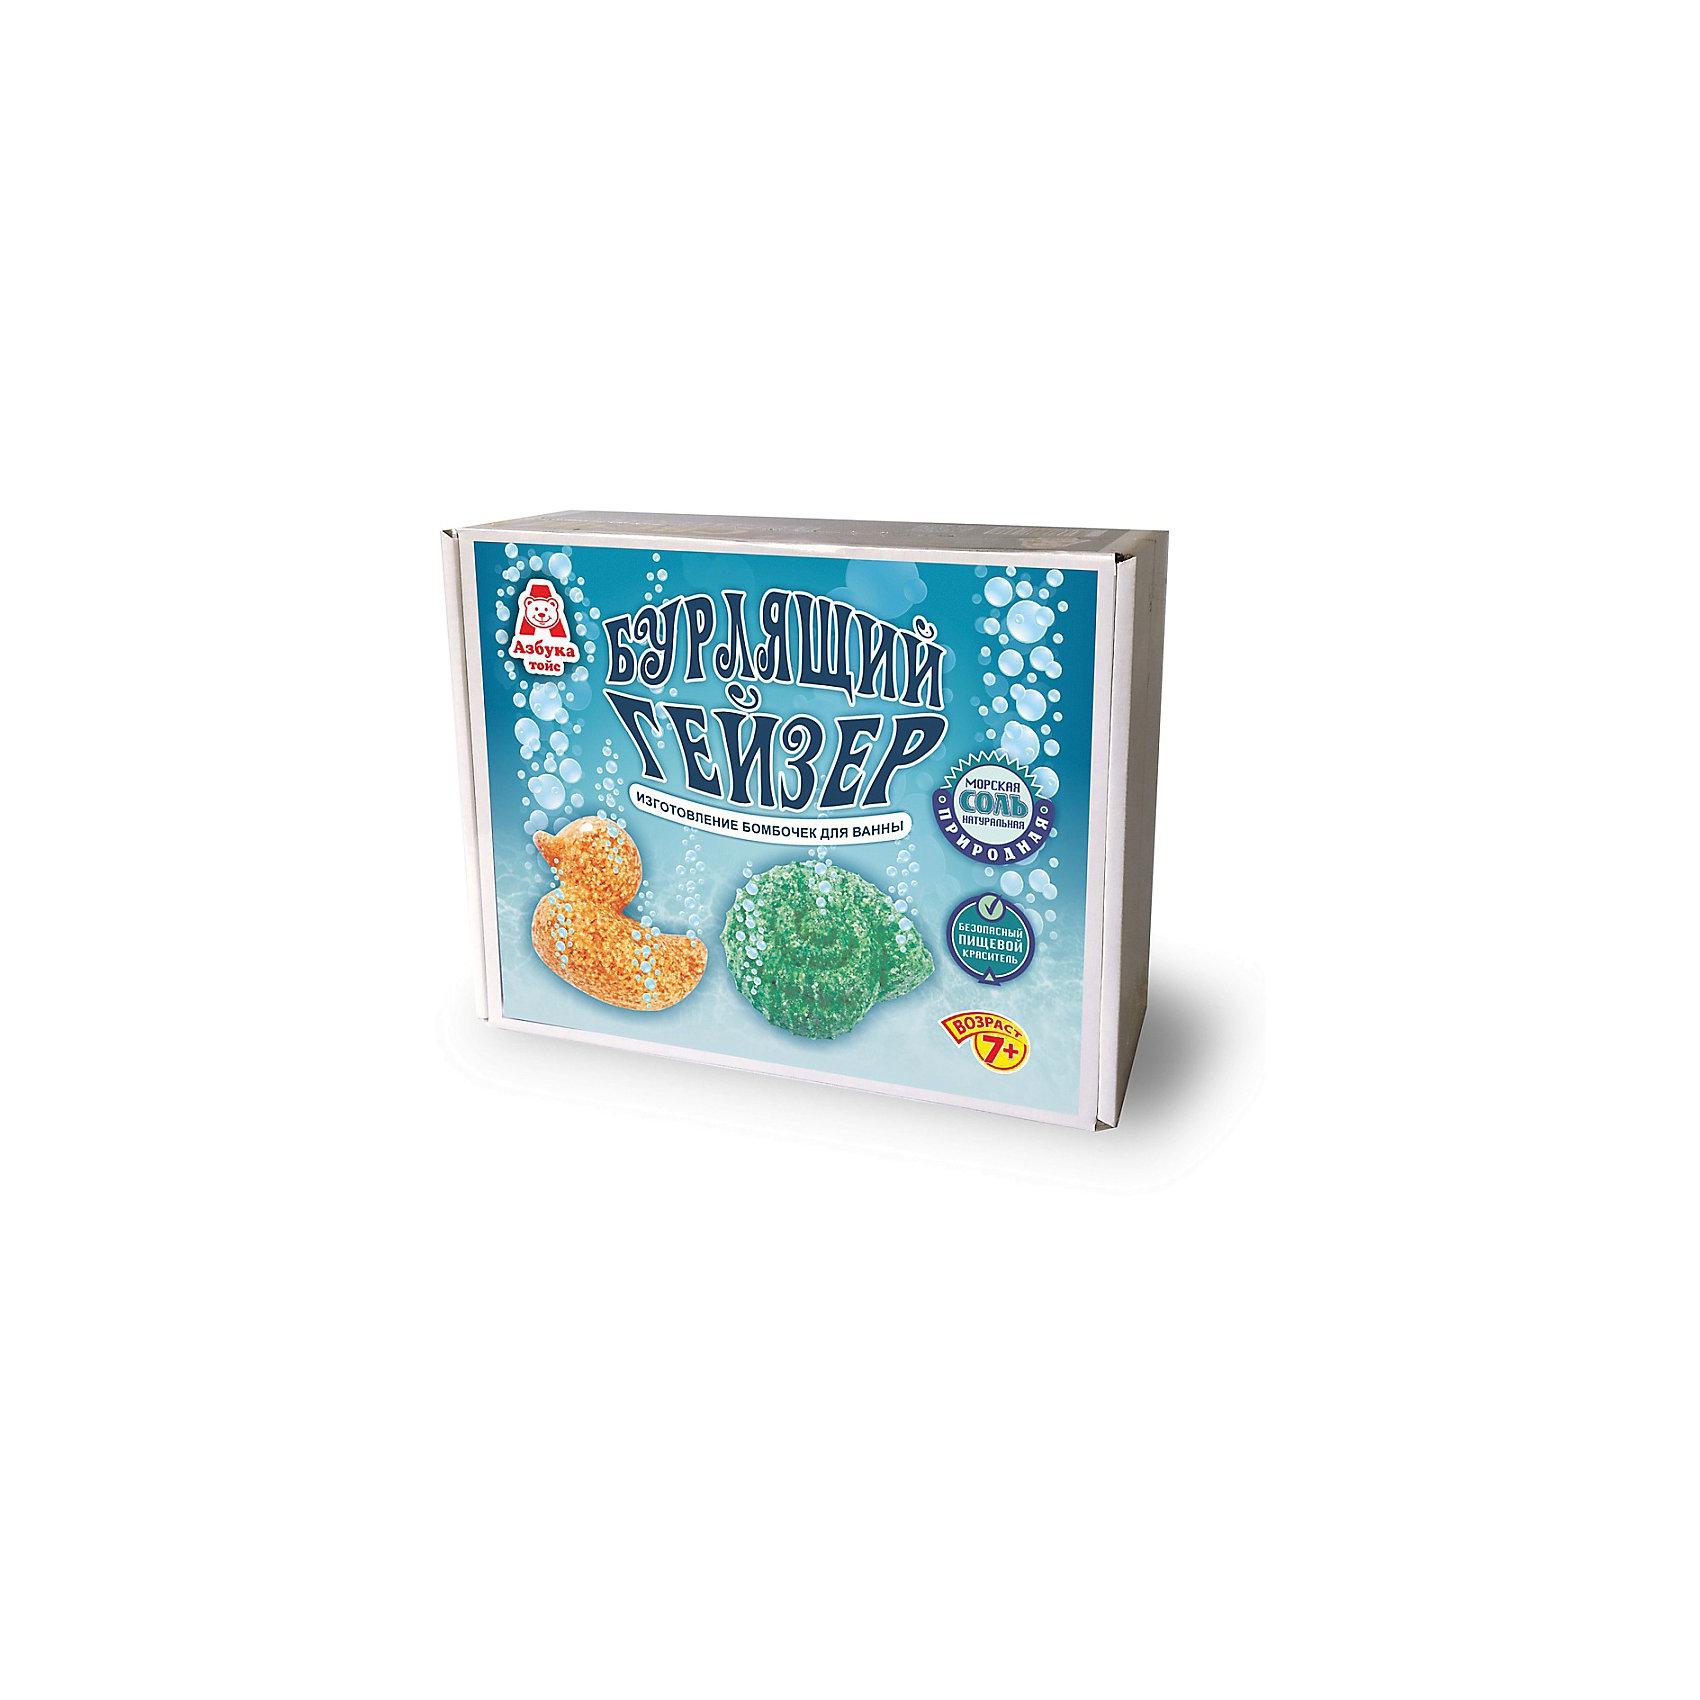 Бурлящий Гейзер Утёнок и РакушкаНаборы детской косметики<br>Набор для изготовления бомбочек для ванны «Бурлящий гейзер»  в виде забавных фигурок,  включает в себя все необходимые материалы и инструменты, чтобы получились красивые солевые шипучки. В воде бомбочки превратятся в густую пену, в которой так приятно нежиться. &#13;<br>В состав набора входит: минеральная соль, сода, ложечка, лимонная кислота, контейнер, формочки, пищевой краситель, инструкция.&#13;<br>Для детей от 7 лет.&#13;<br>Изготовитель: ООО Азбука Тойс.&#13;<br>Сделано в России<br><br>Ширина мм: 220<br>Глубина мм: 170<br>Высота мм: 70<br>Вес г: 450<br>Возраст от месяцев: 60<br>Возраст до месяцев: 2147483647<br>Пол: Унисекс<br>Возраст: Детский<br>SKU: 5540681